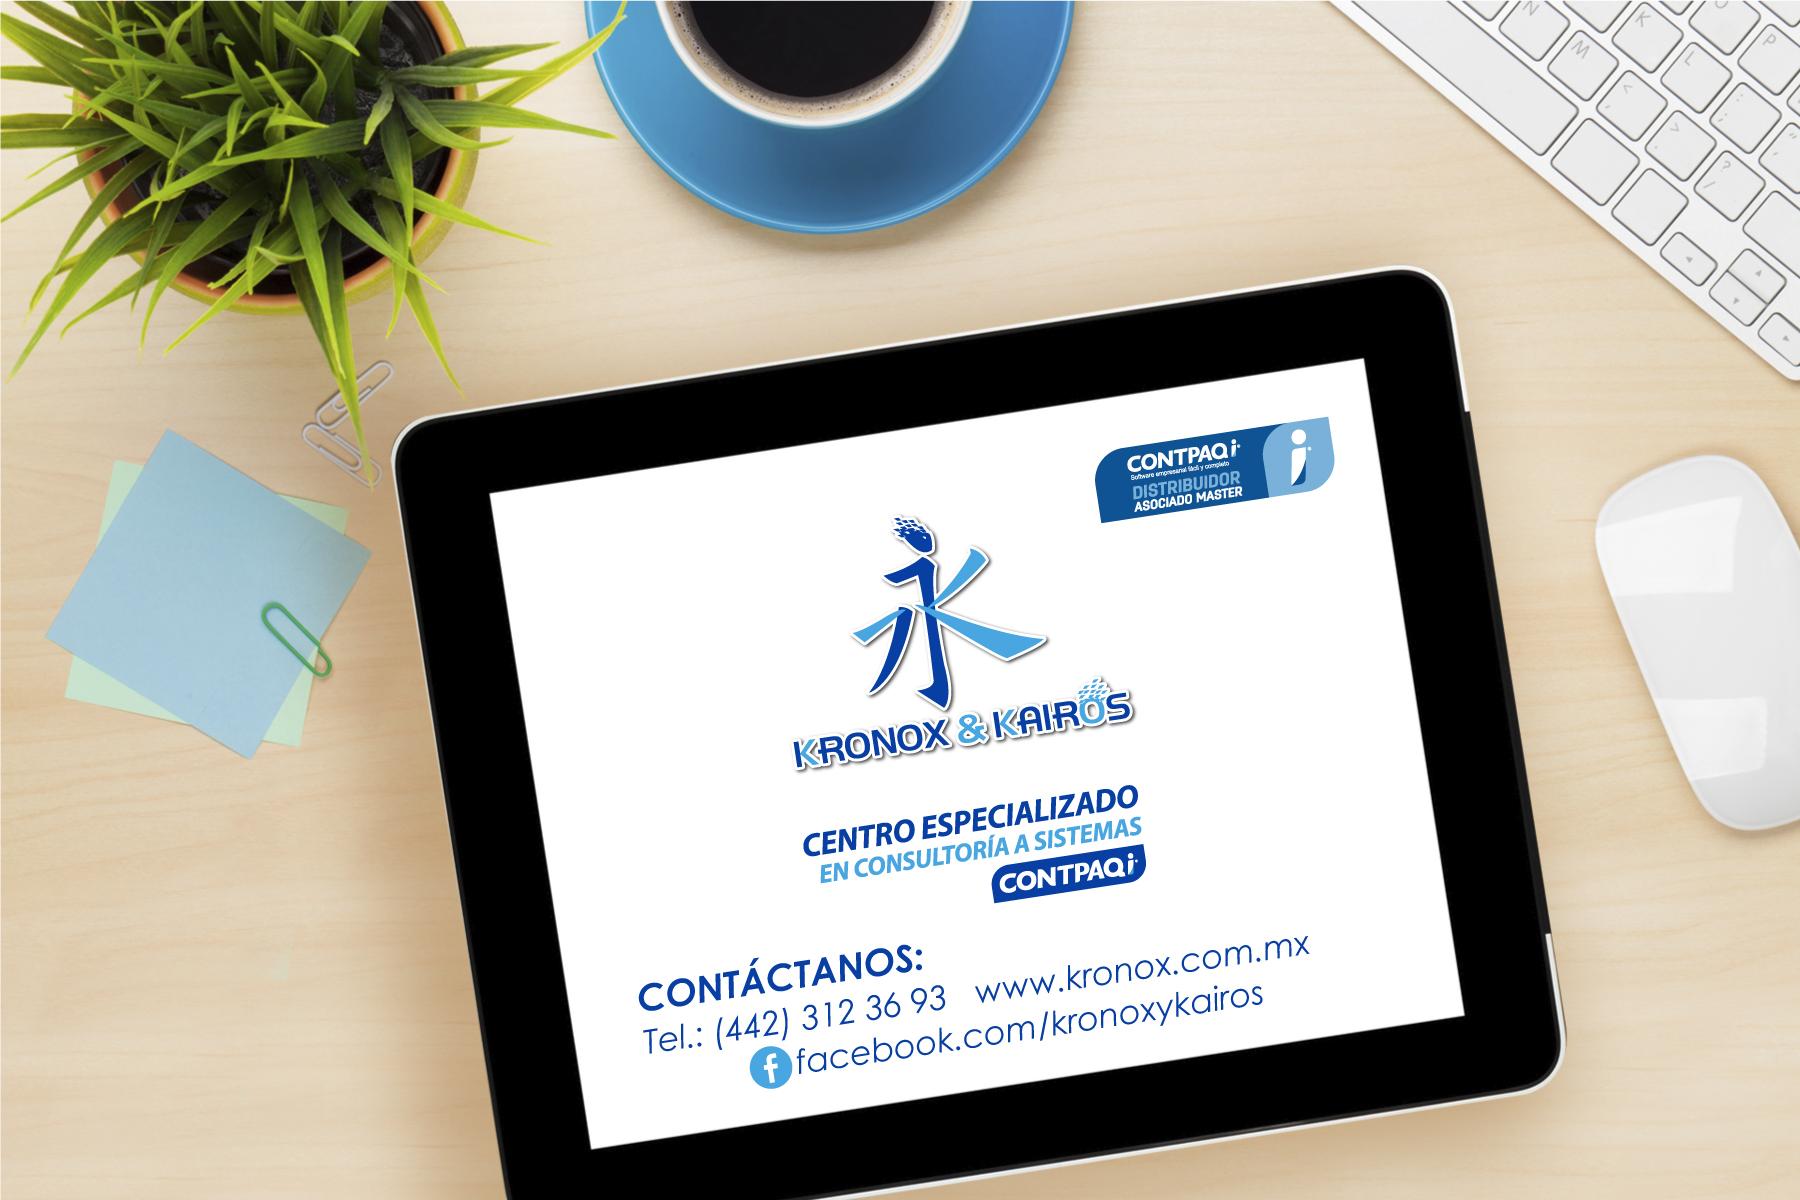 Centro Especializado en Consultoria a Sistemas CONTPAQ i